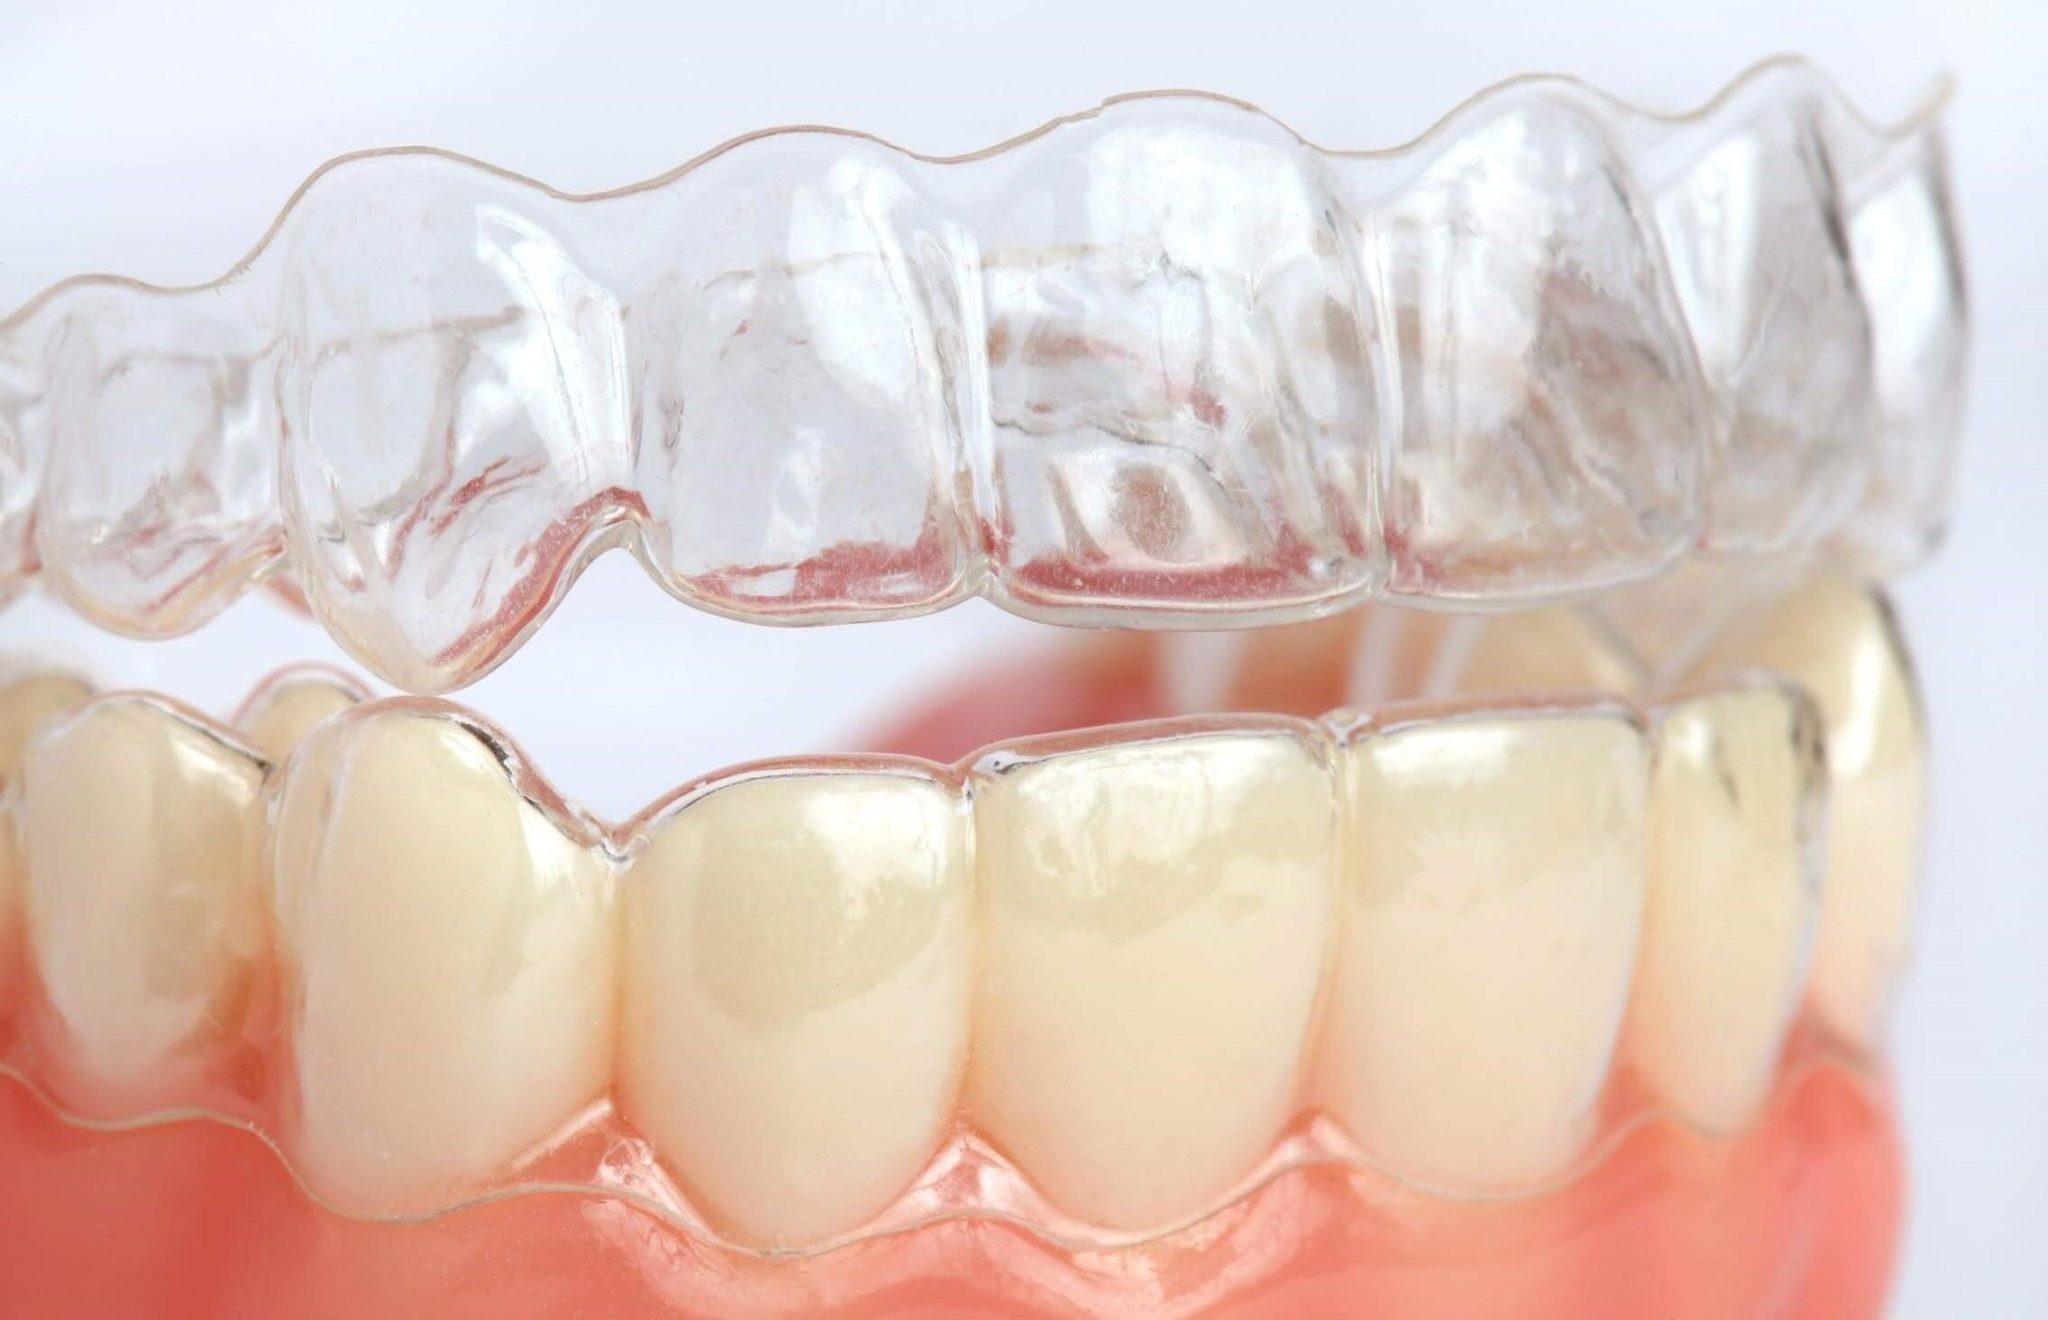 Исправление прикуса капами для зубов. Или чем хороши элайнеры